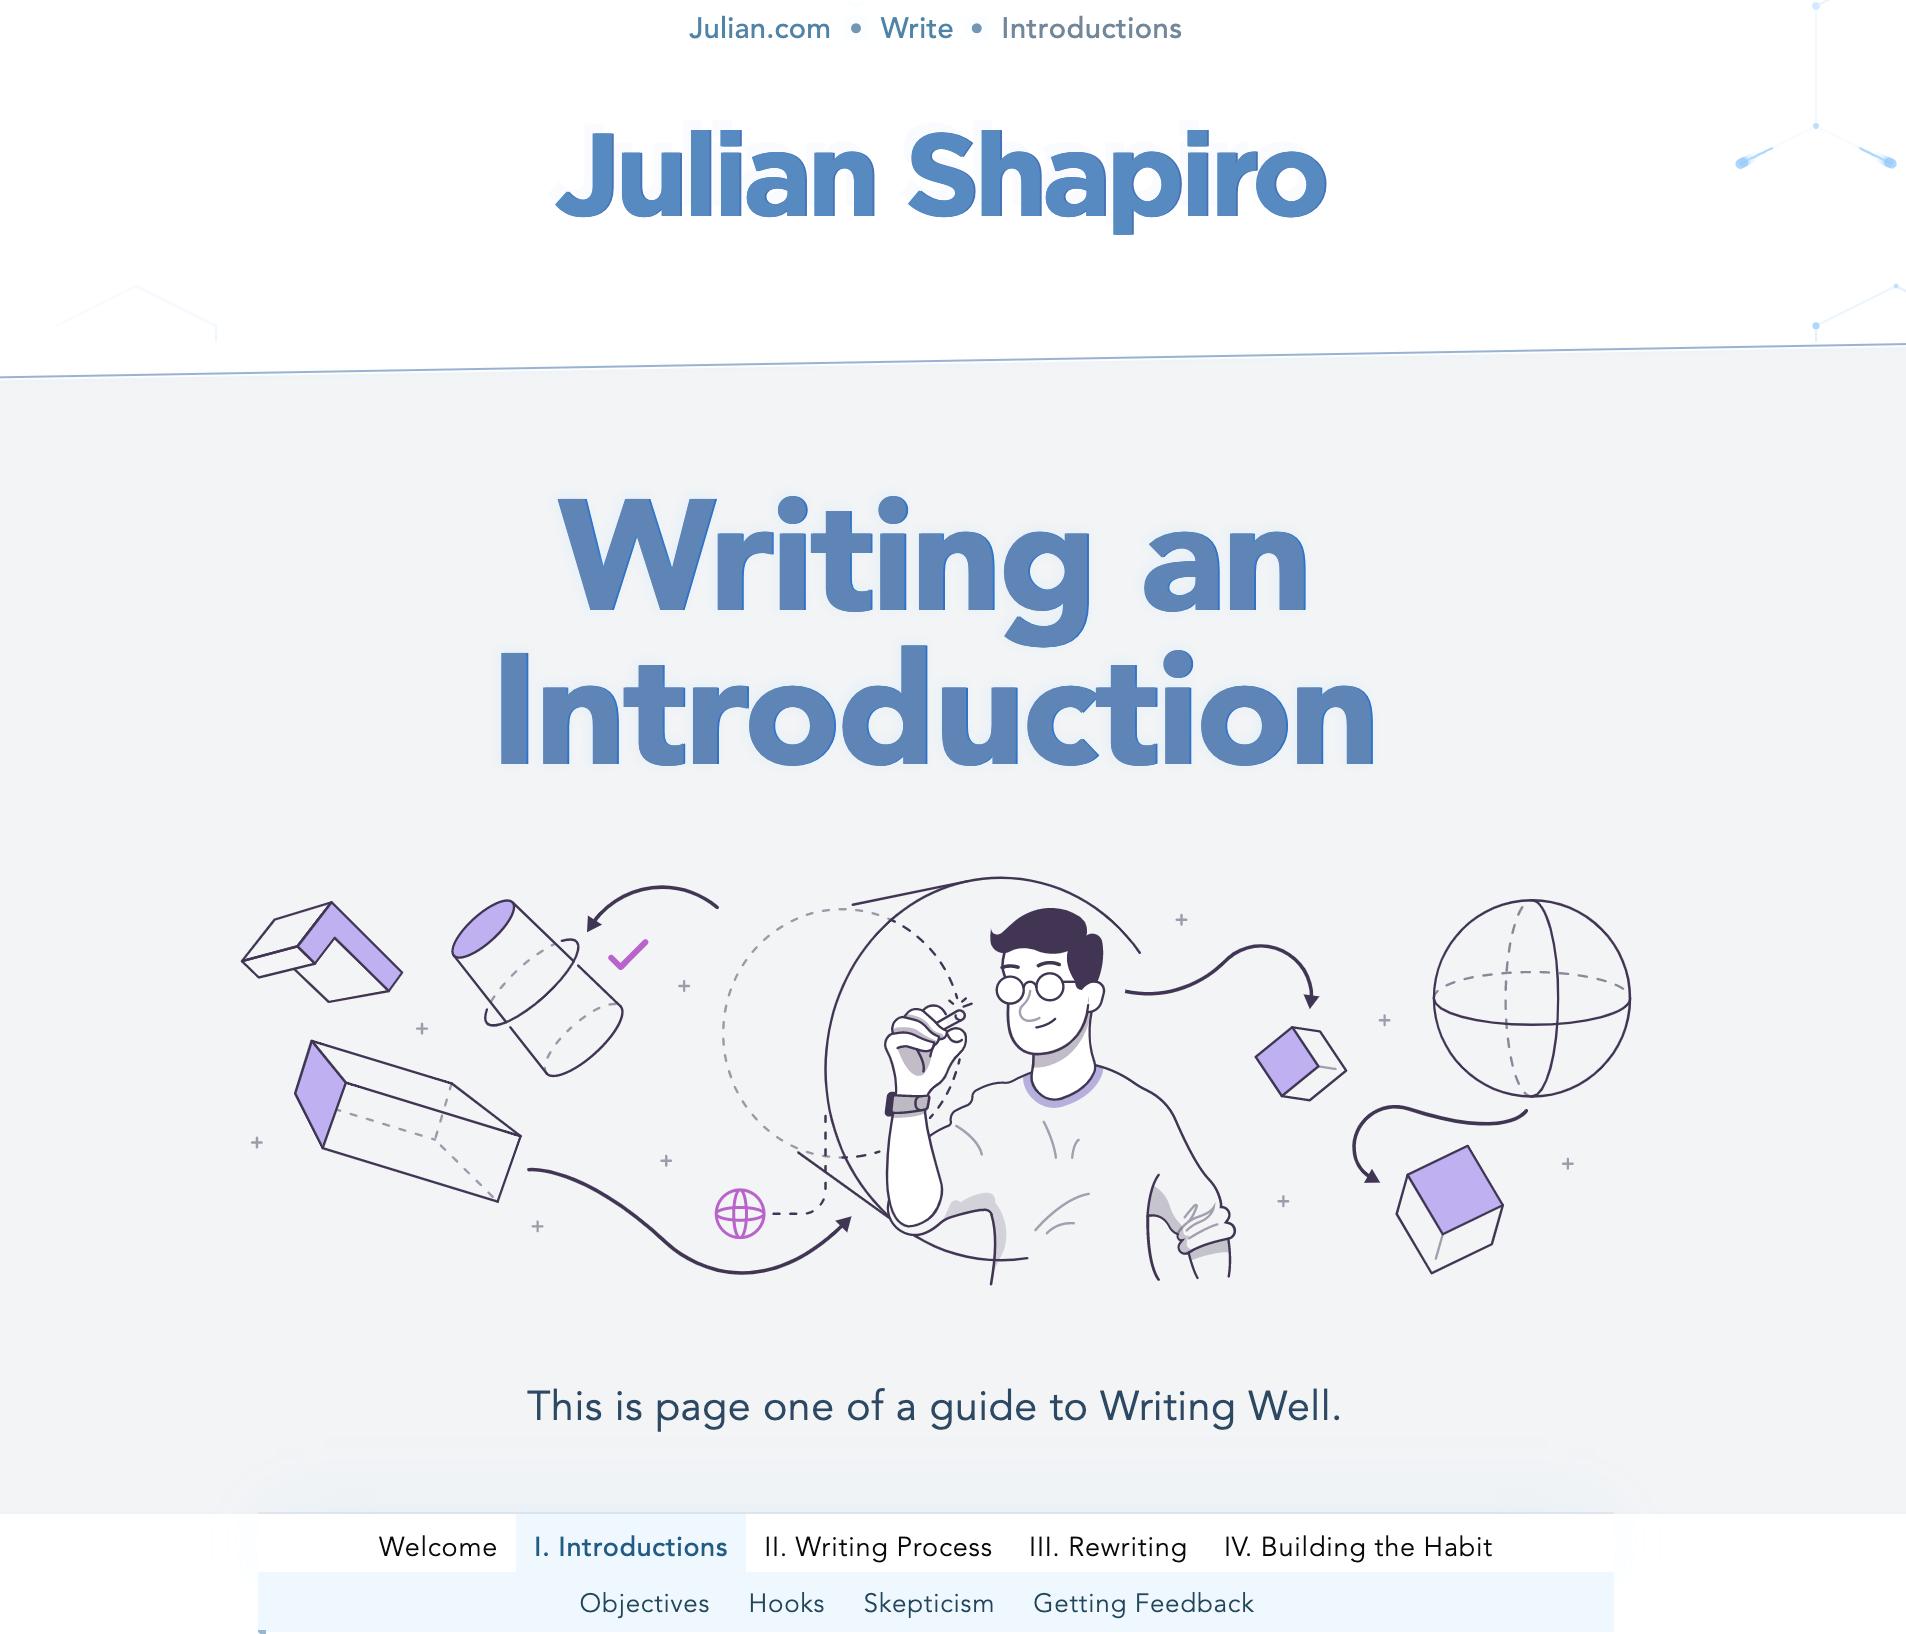 https://www.julian.com/guide/write/introductions